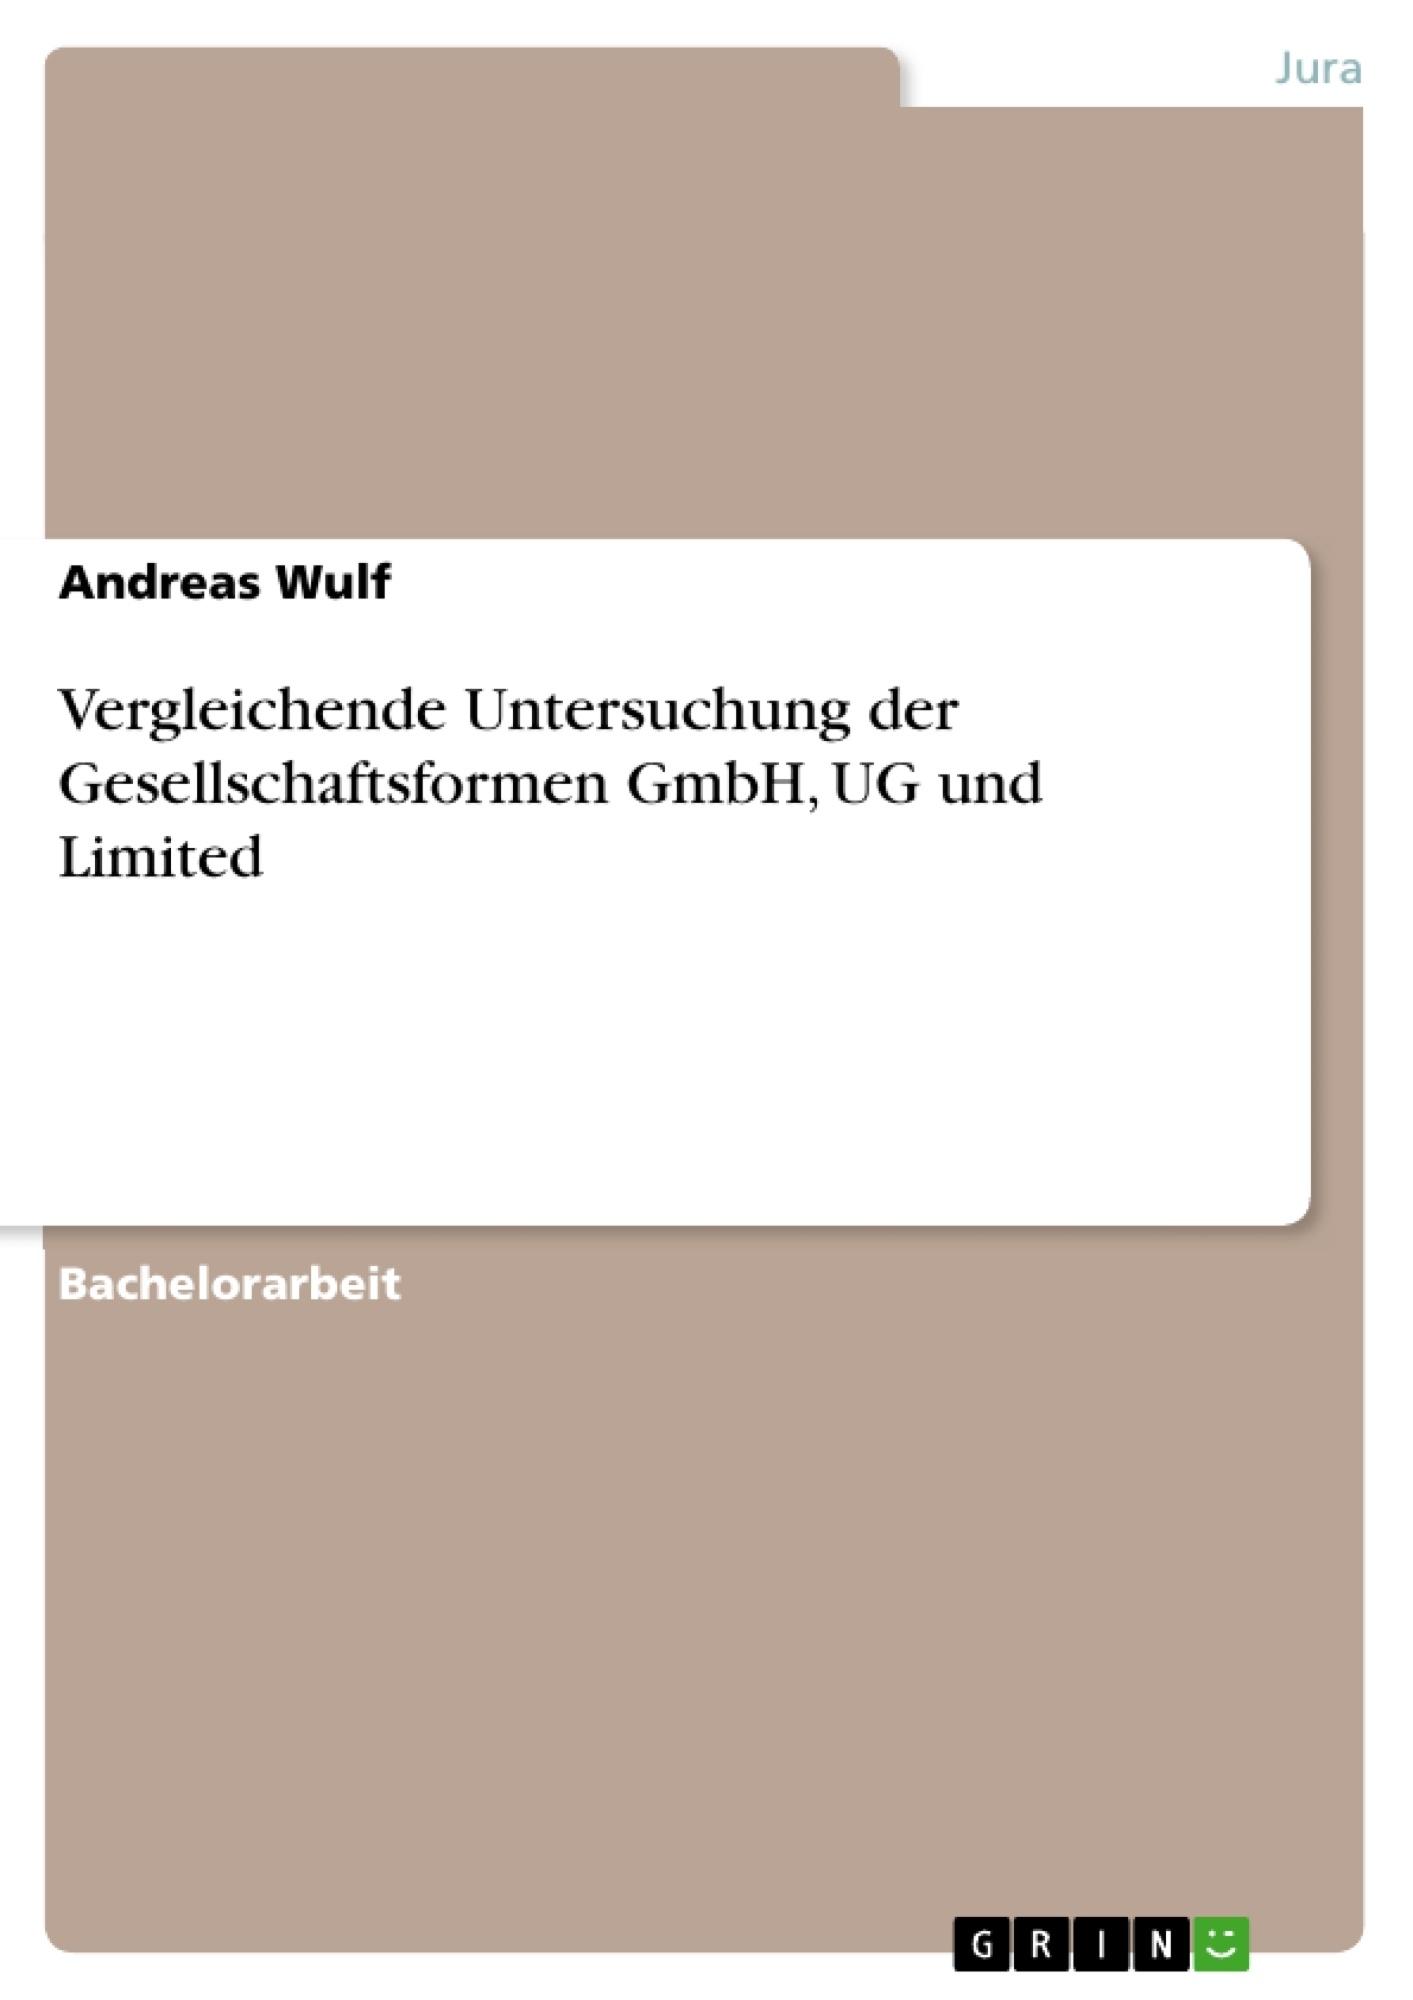 Titel: Vergleichende Untersuchung der Gesellschaftsformen GmbH, UG und Limited